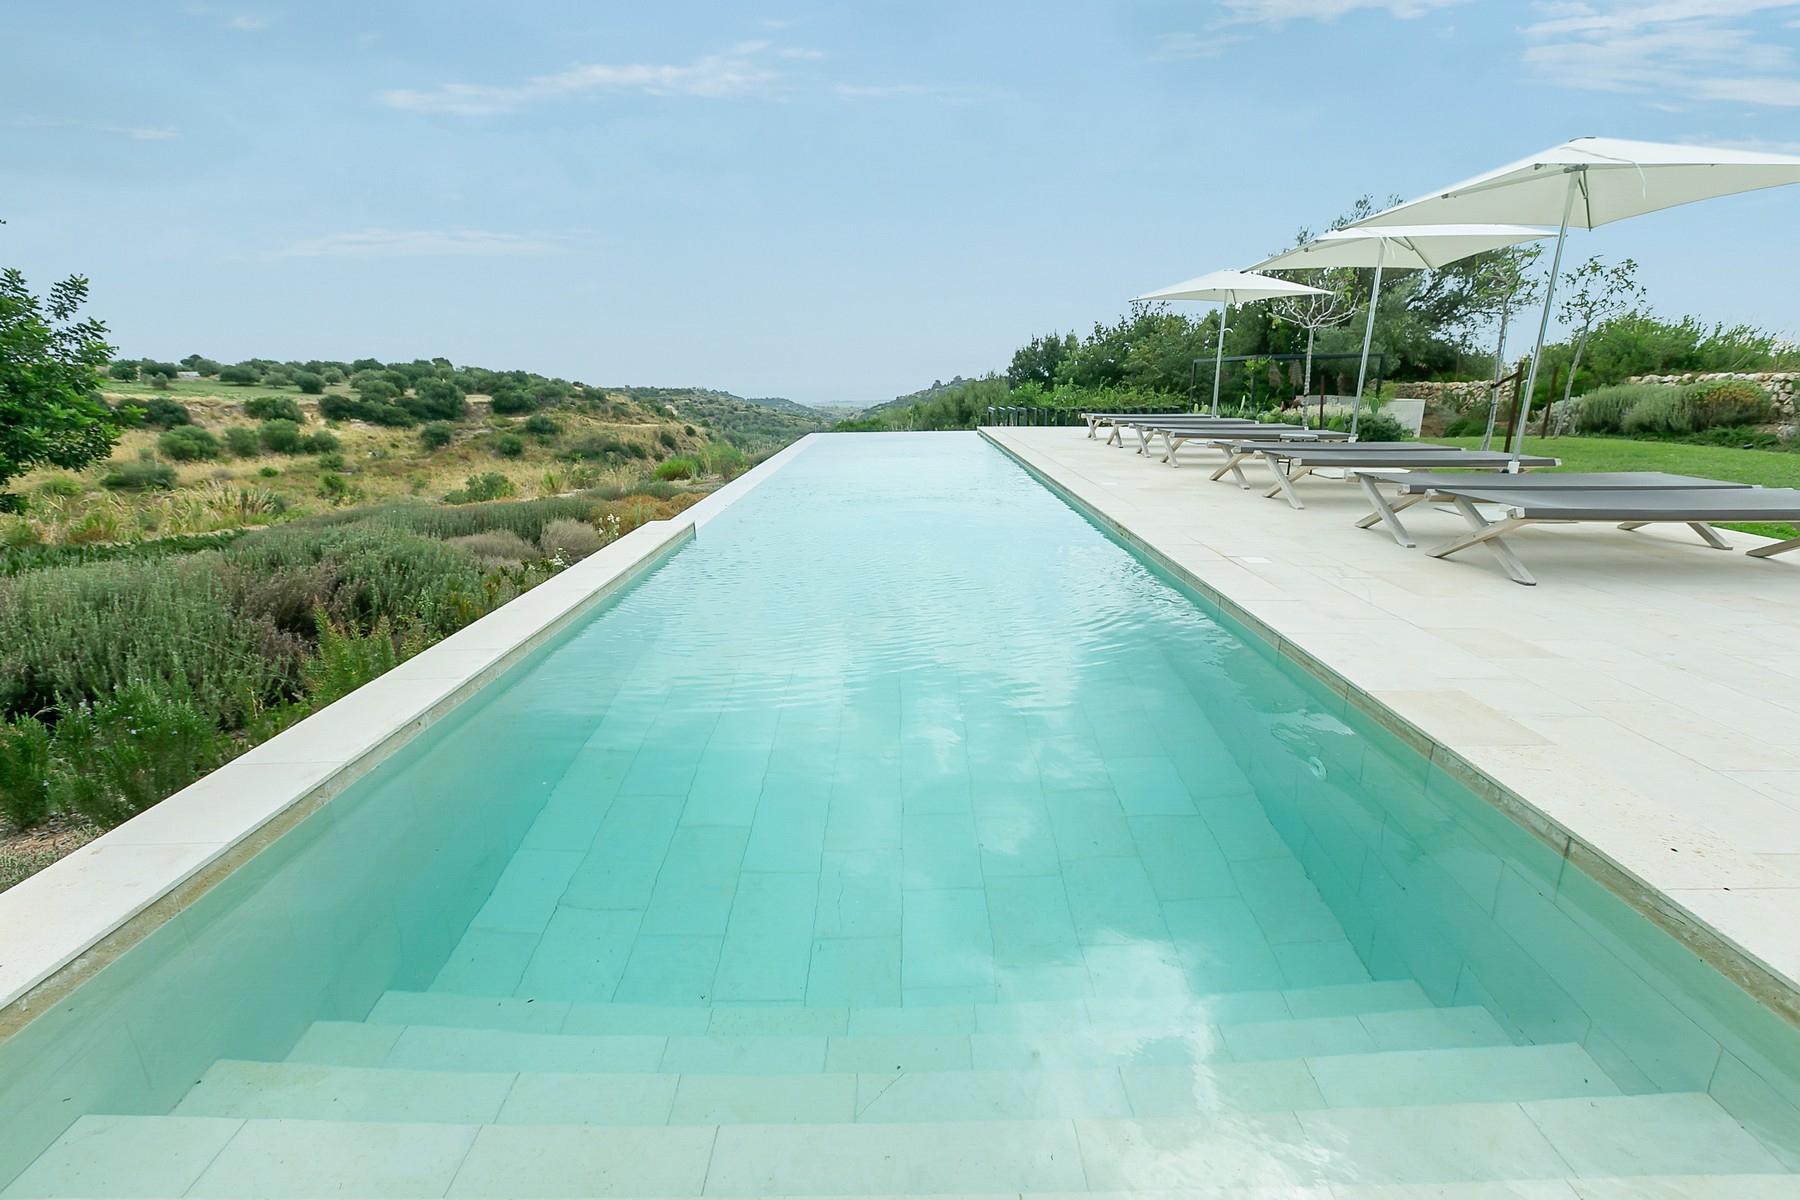 拥有游泳池和附属建筑当代设计的别墅 - 14